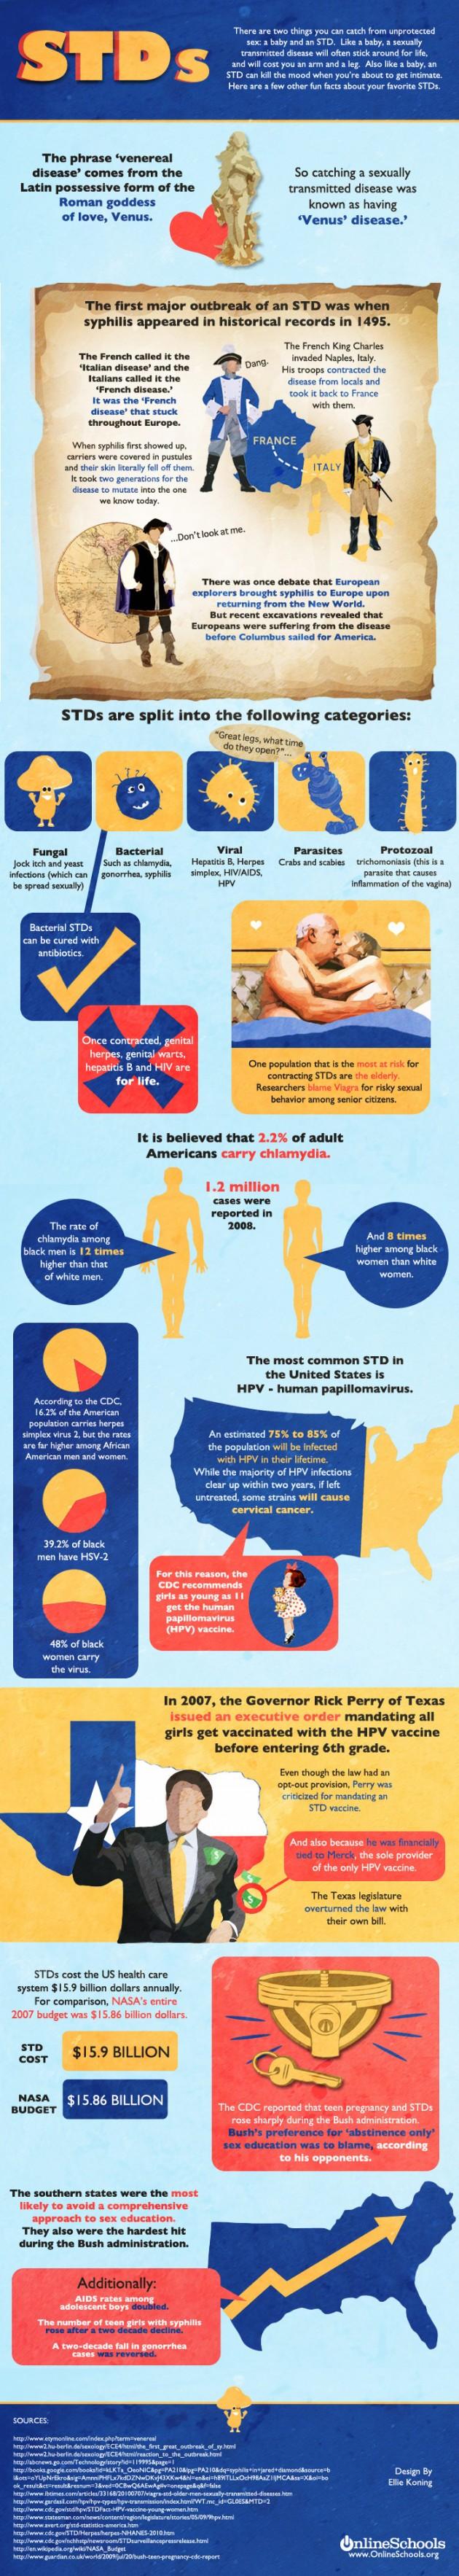 infographic, std infographic, std's infographic, sex infographic